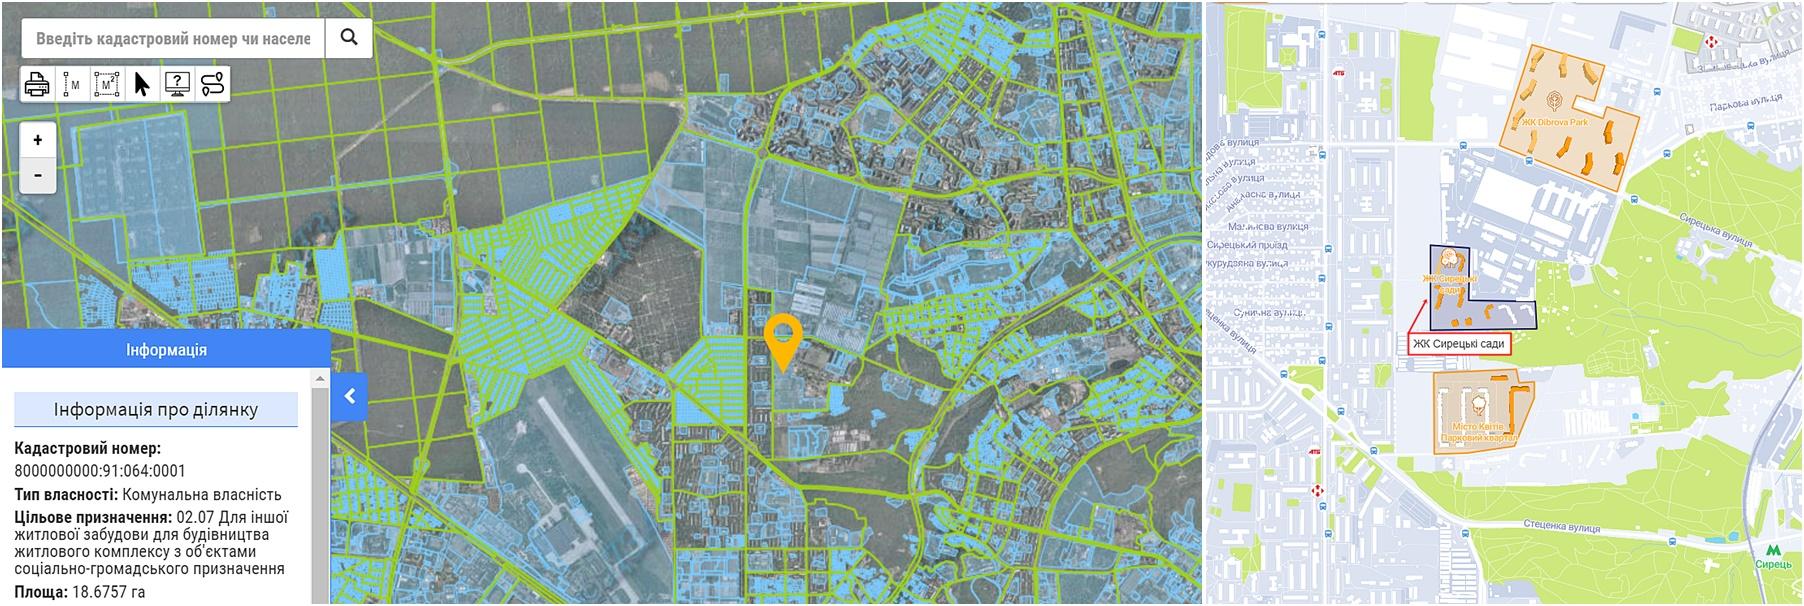 ЖК Сырецкие Сады данные кадастра и на карте